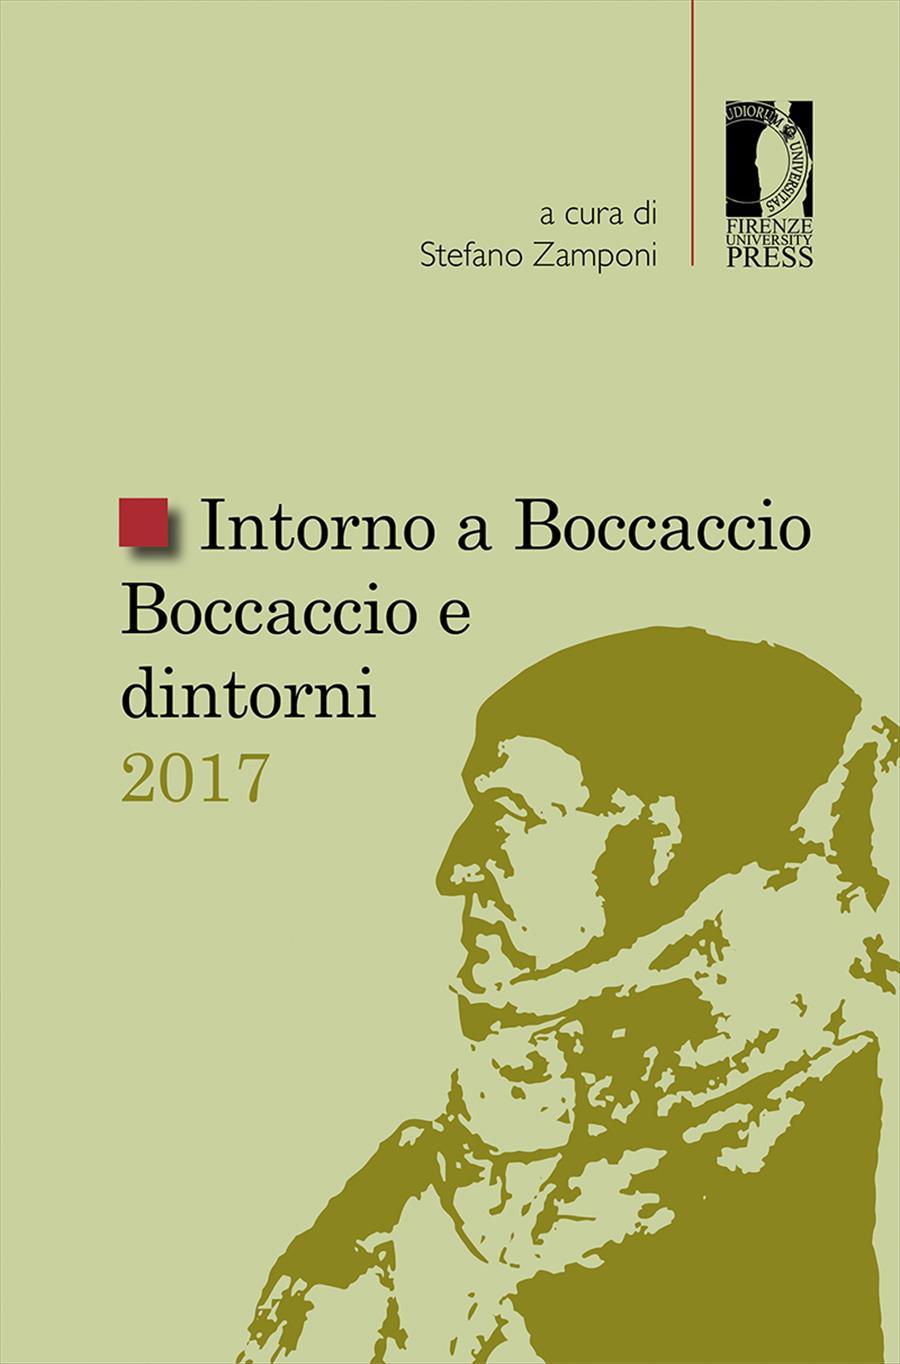 Intorno a Boccaccio / Boccaccio e dintorni 2017